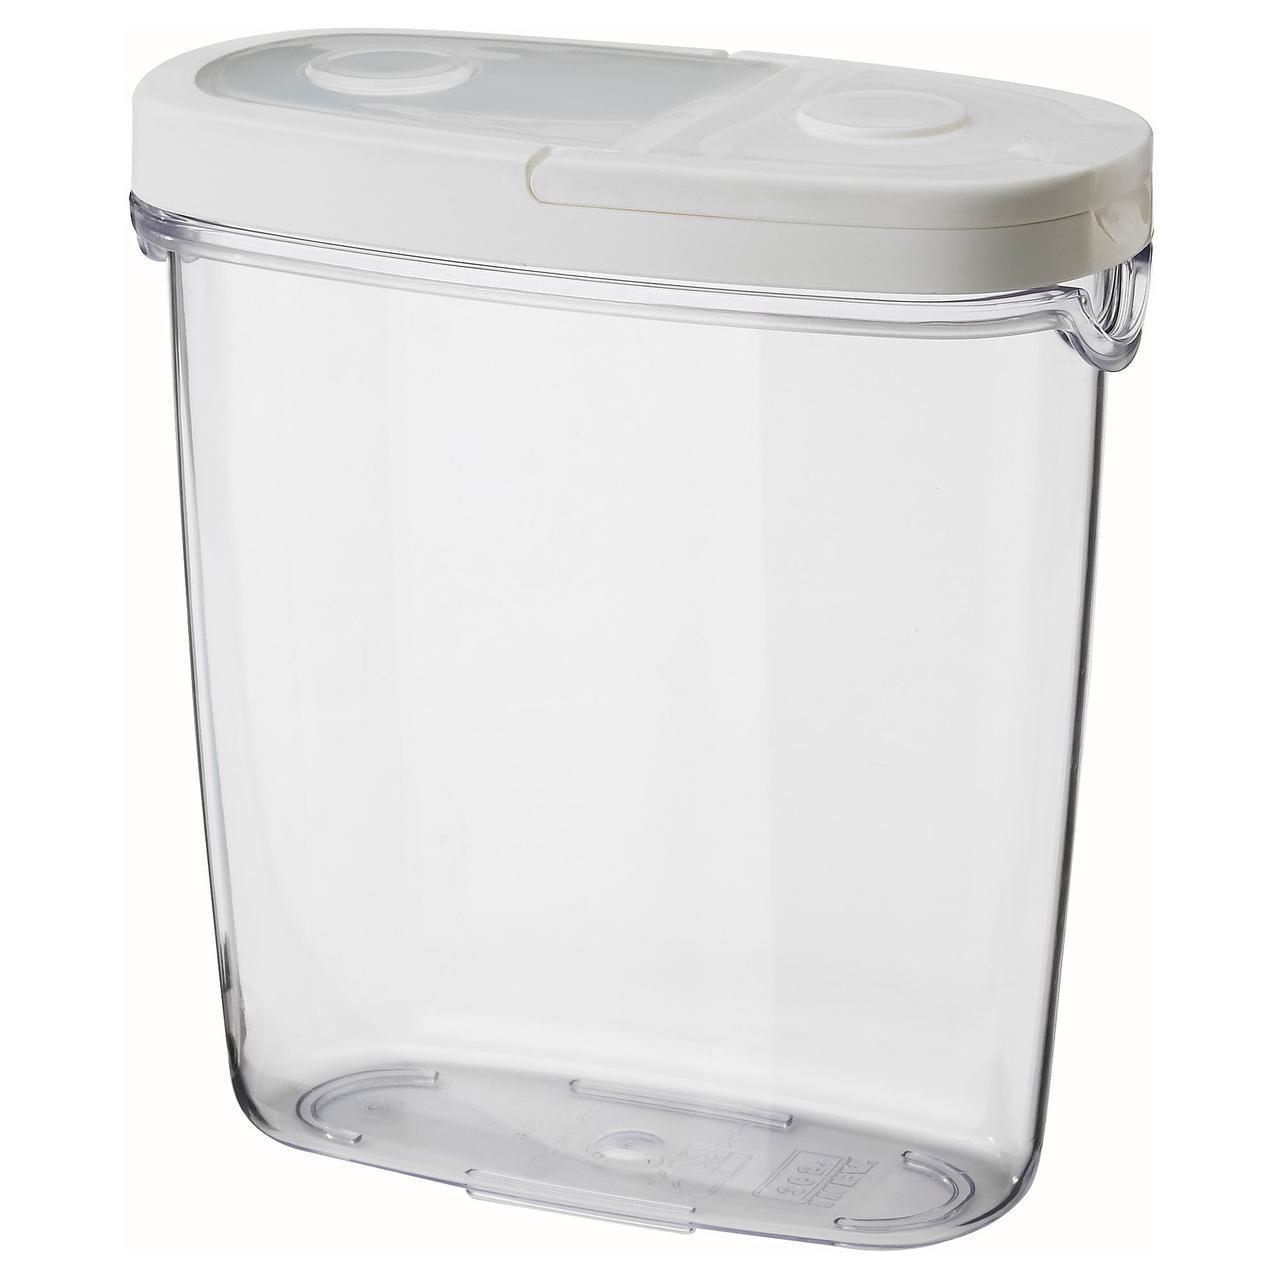 ✅ IKEA IKEA 365+ (800.667.23) Контейнер для сухих продуктов/крышек, прозрачный, белый